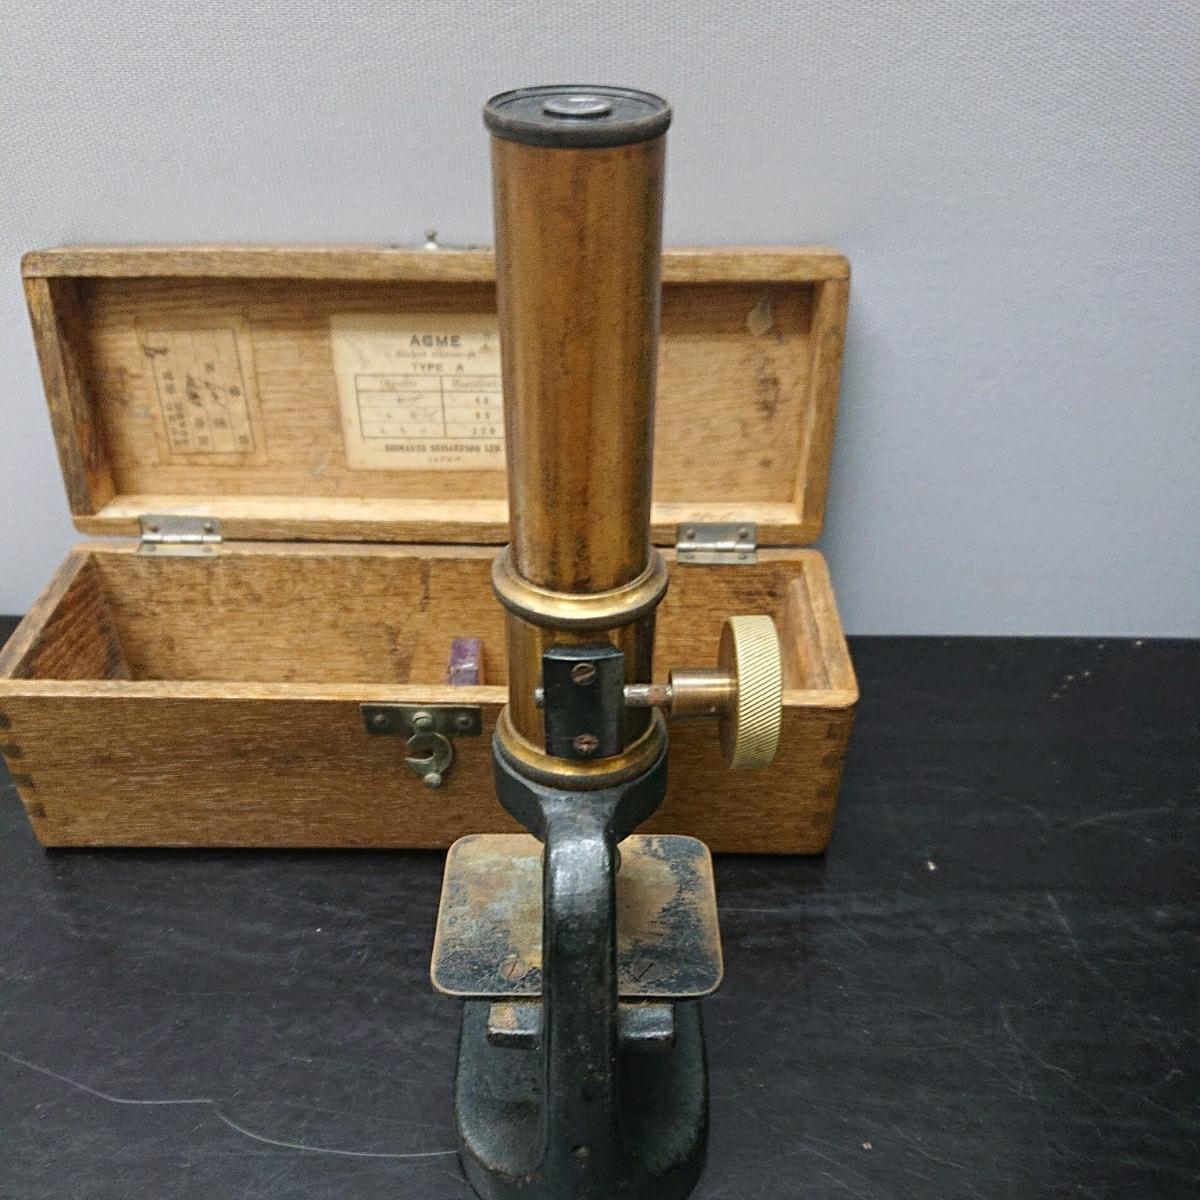 オリンパス OLYMPUS ACME TYPE A 顕微鏡 第147號 No.1176 加_画像7